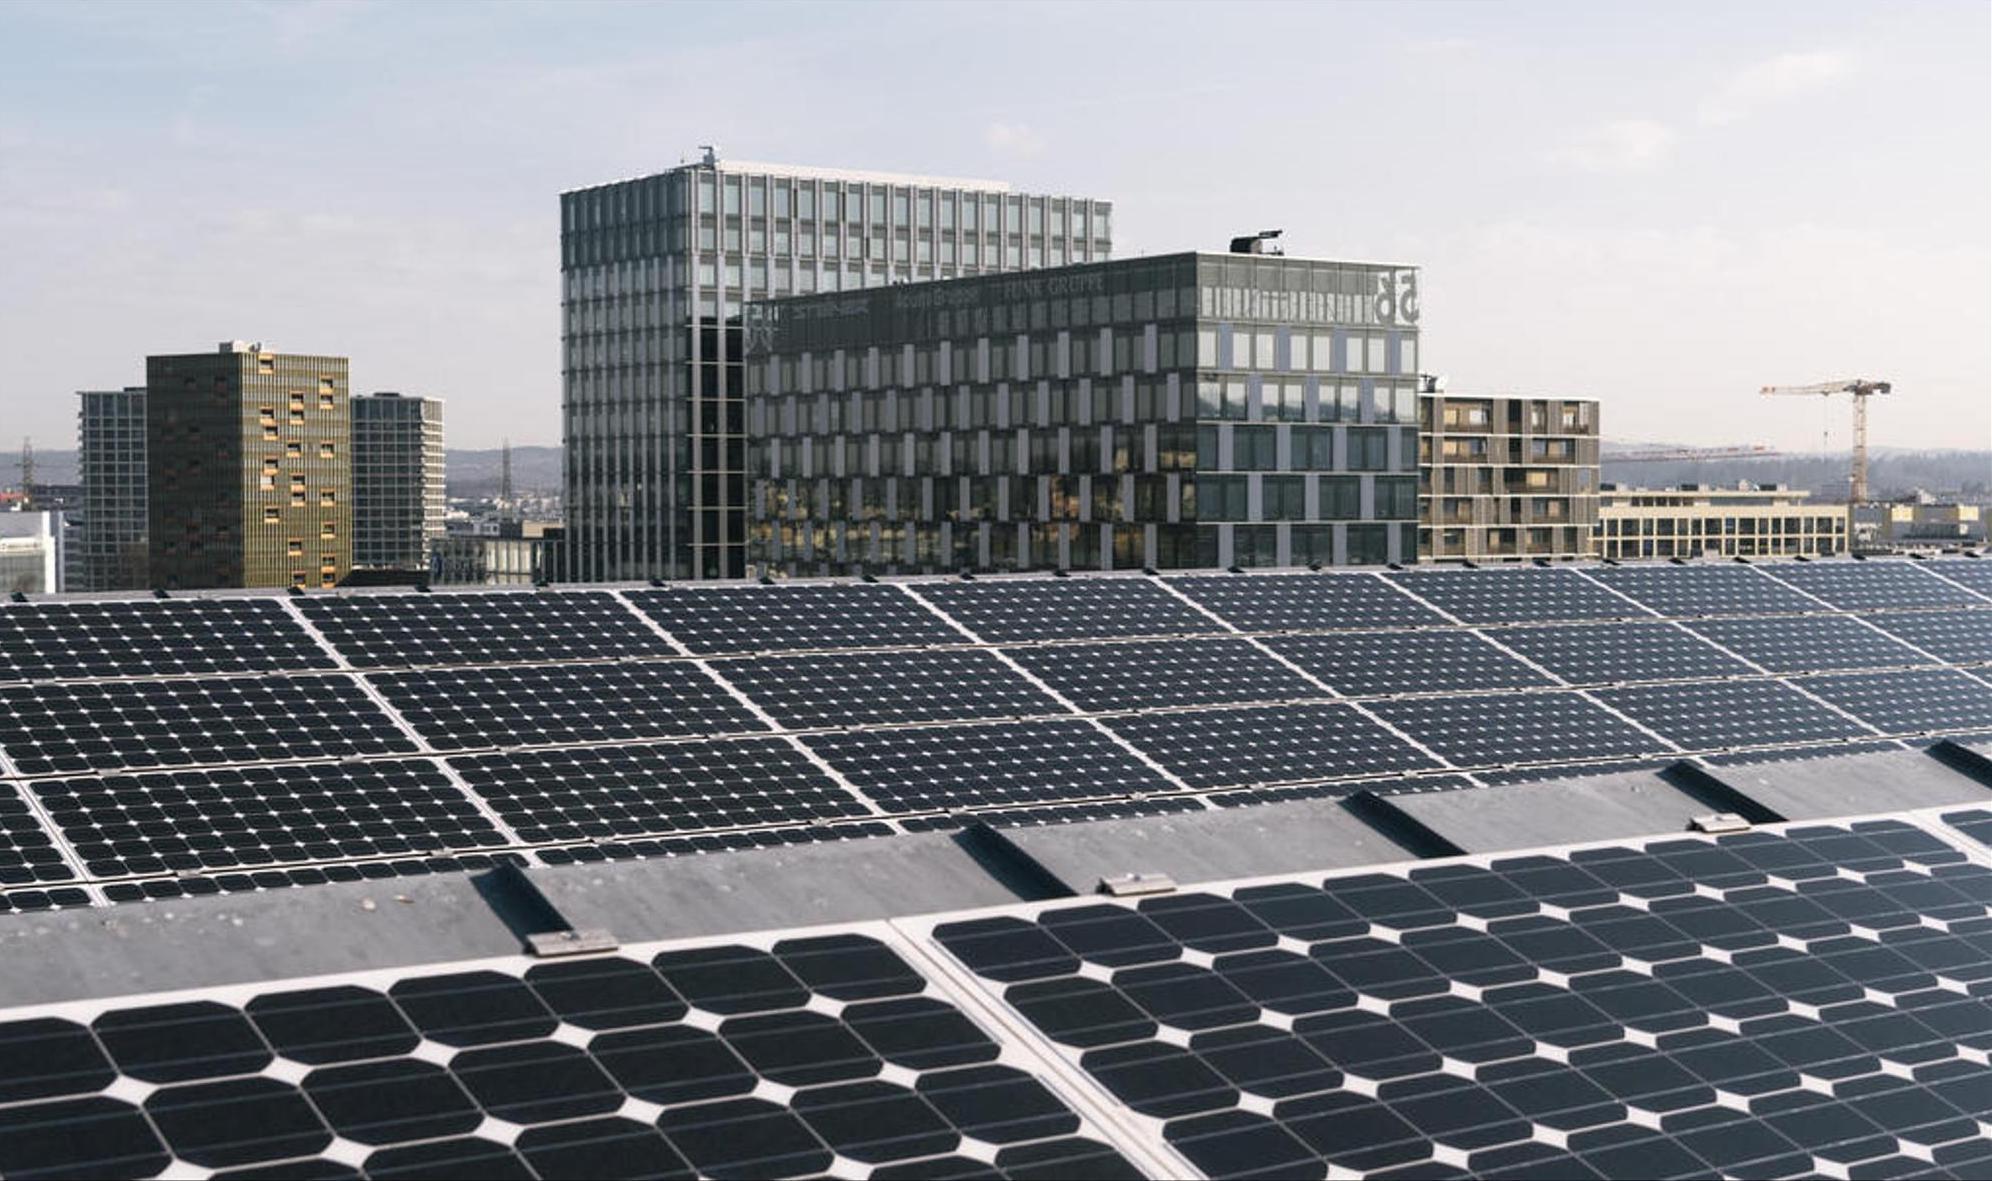 En tant que forme d'énergie renouvelable, l'énergie solaire est nettement plus respectueuse de l'environnement et du climat que les combustibles fossiles. Néanmoins, l'écobilan et le recouvrement des coûts des systèmes photovoltaïques sont encore incertains. Keystone/Christian Beutler